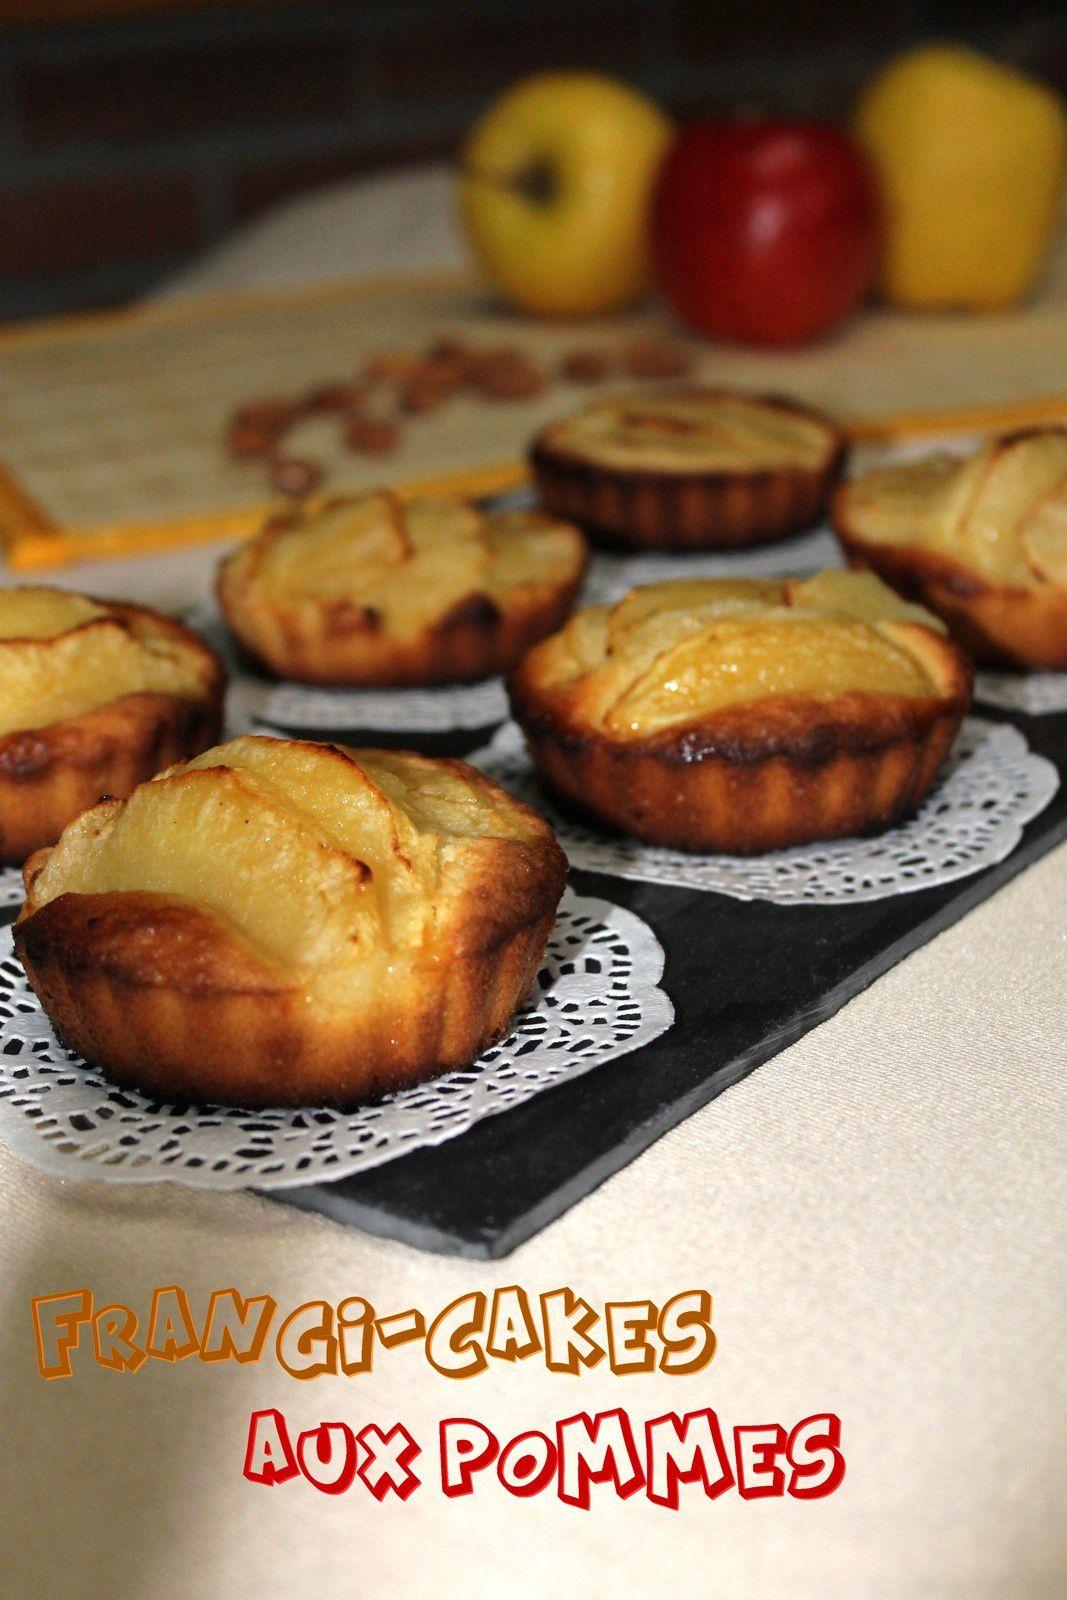 Frangi-Cakes aux Pommes